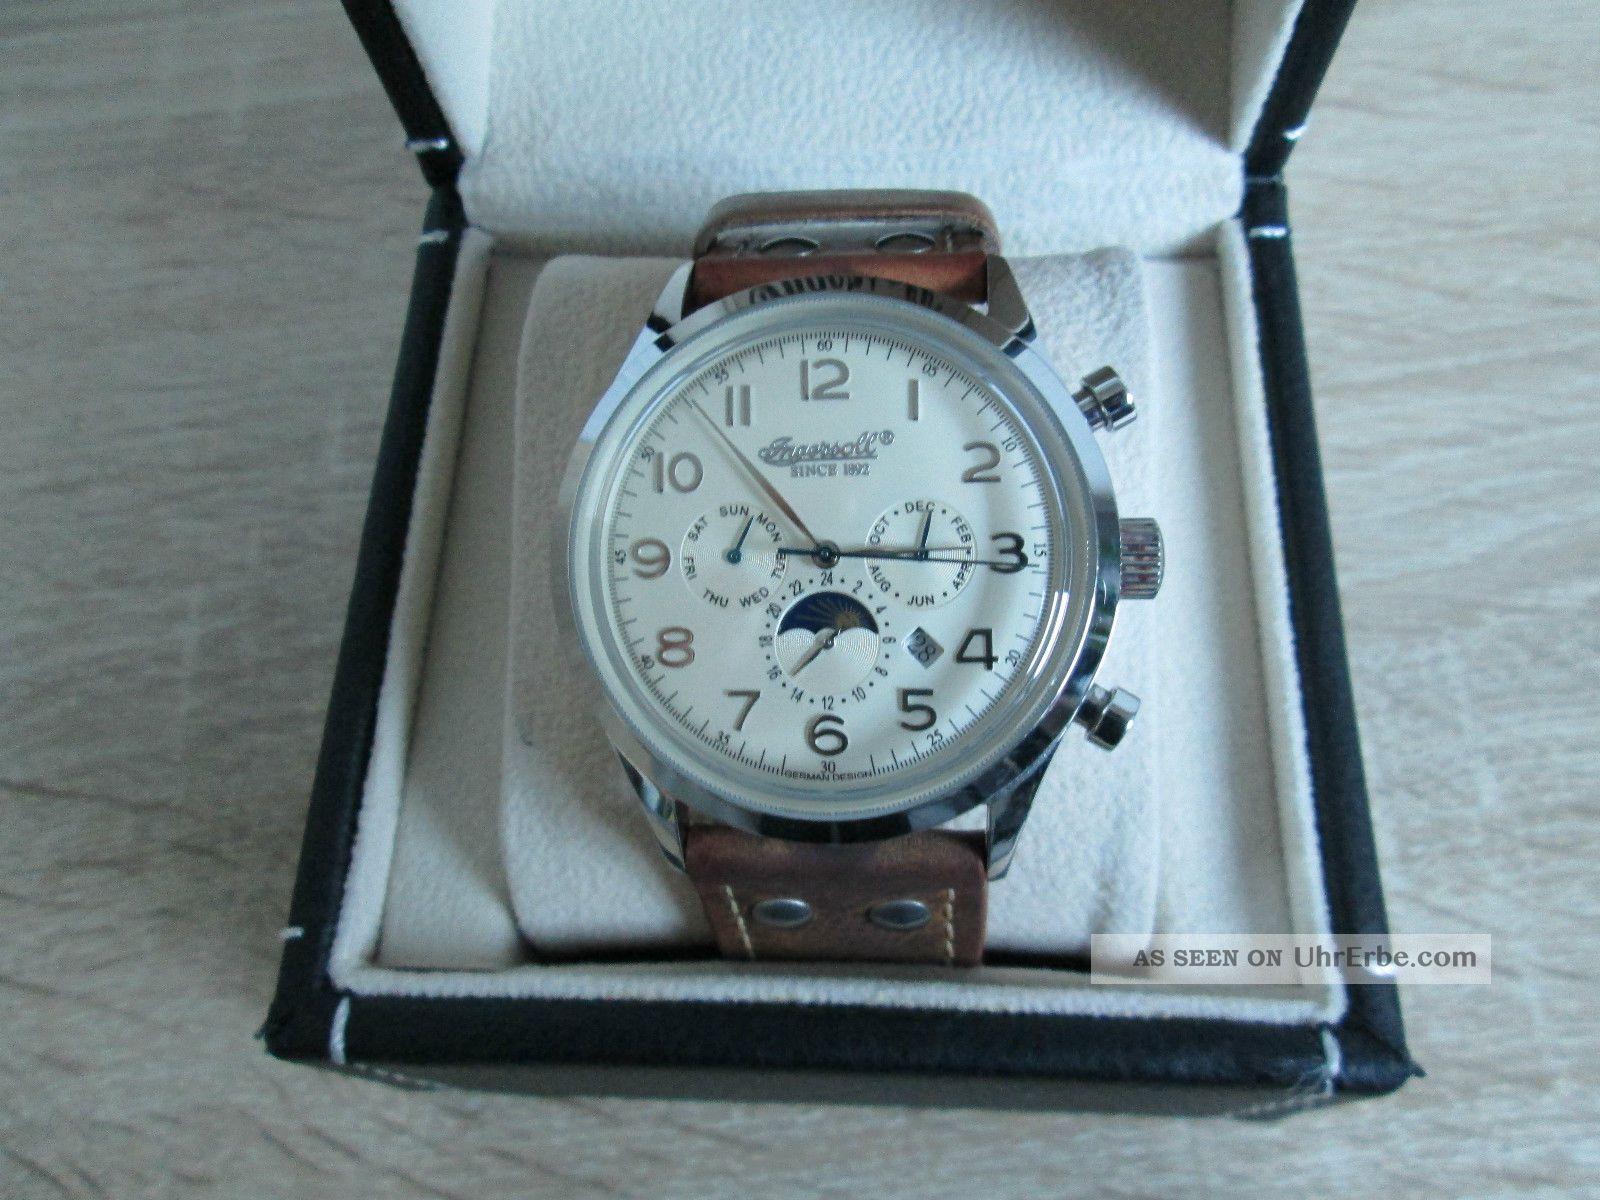 Ingersol Herren Automatikuhr,  In1205ch,  Neuwertig,  Top Armbanduhren Bild